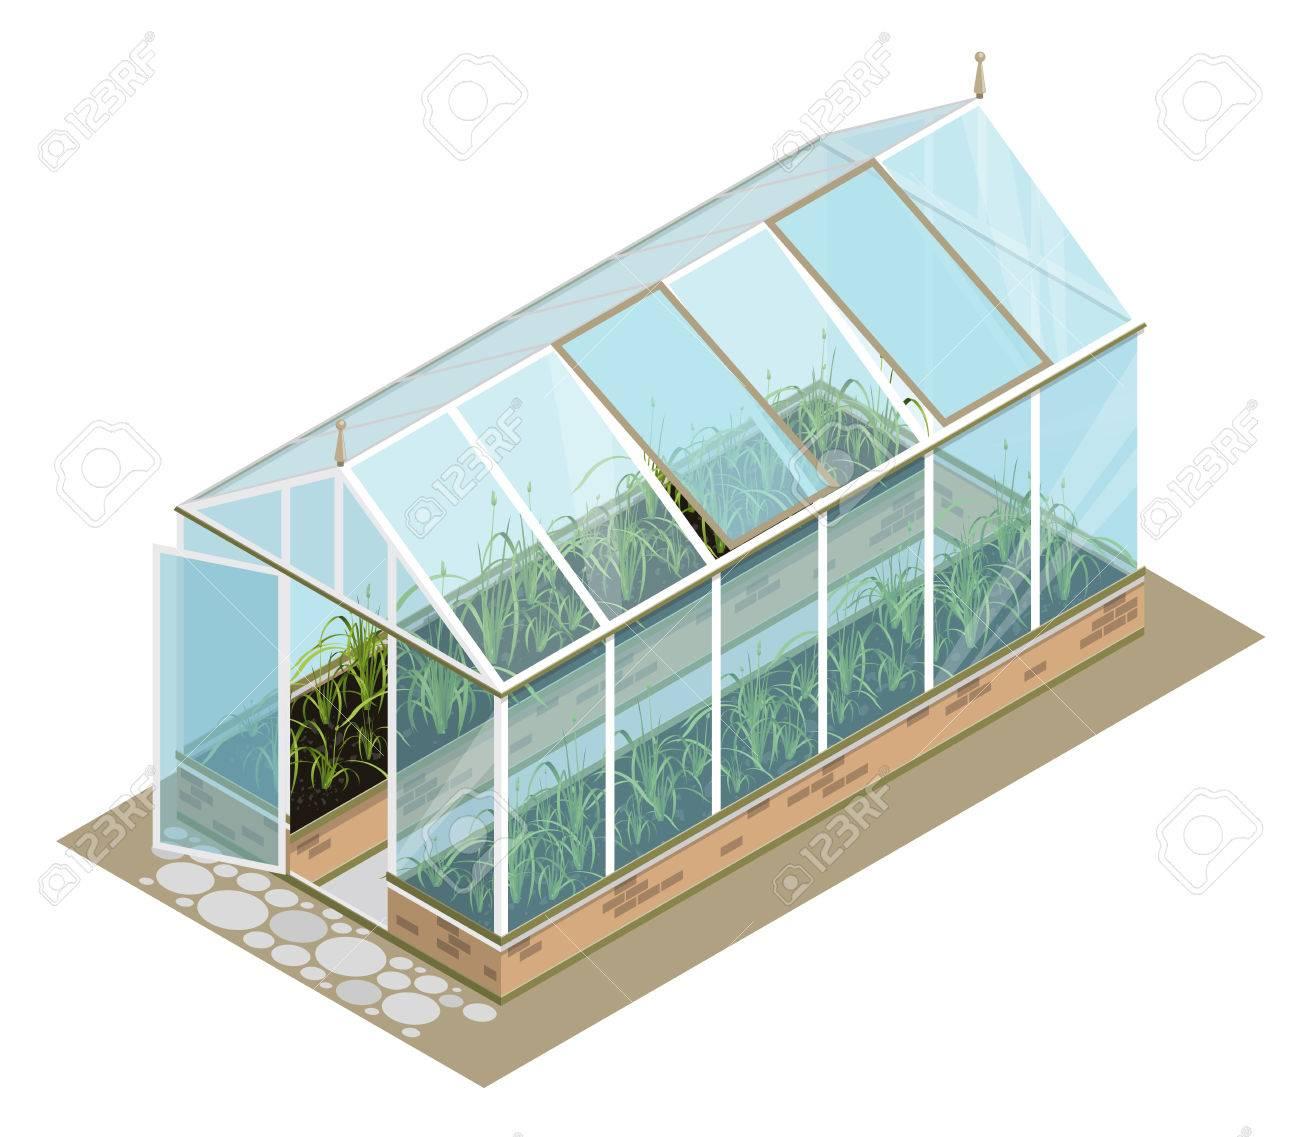 isometrische gewächshaus mit glaswänden, fundamente, giebeldach